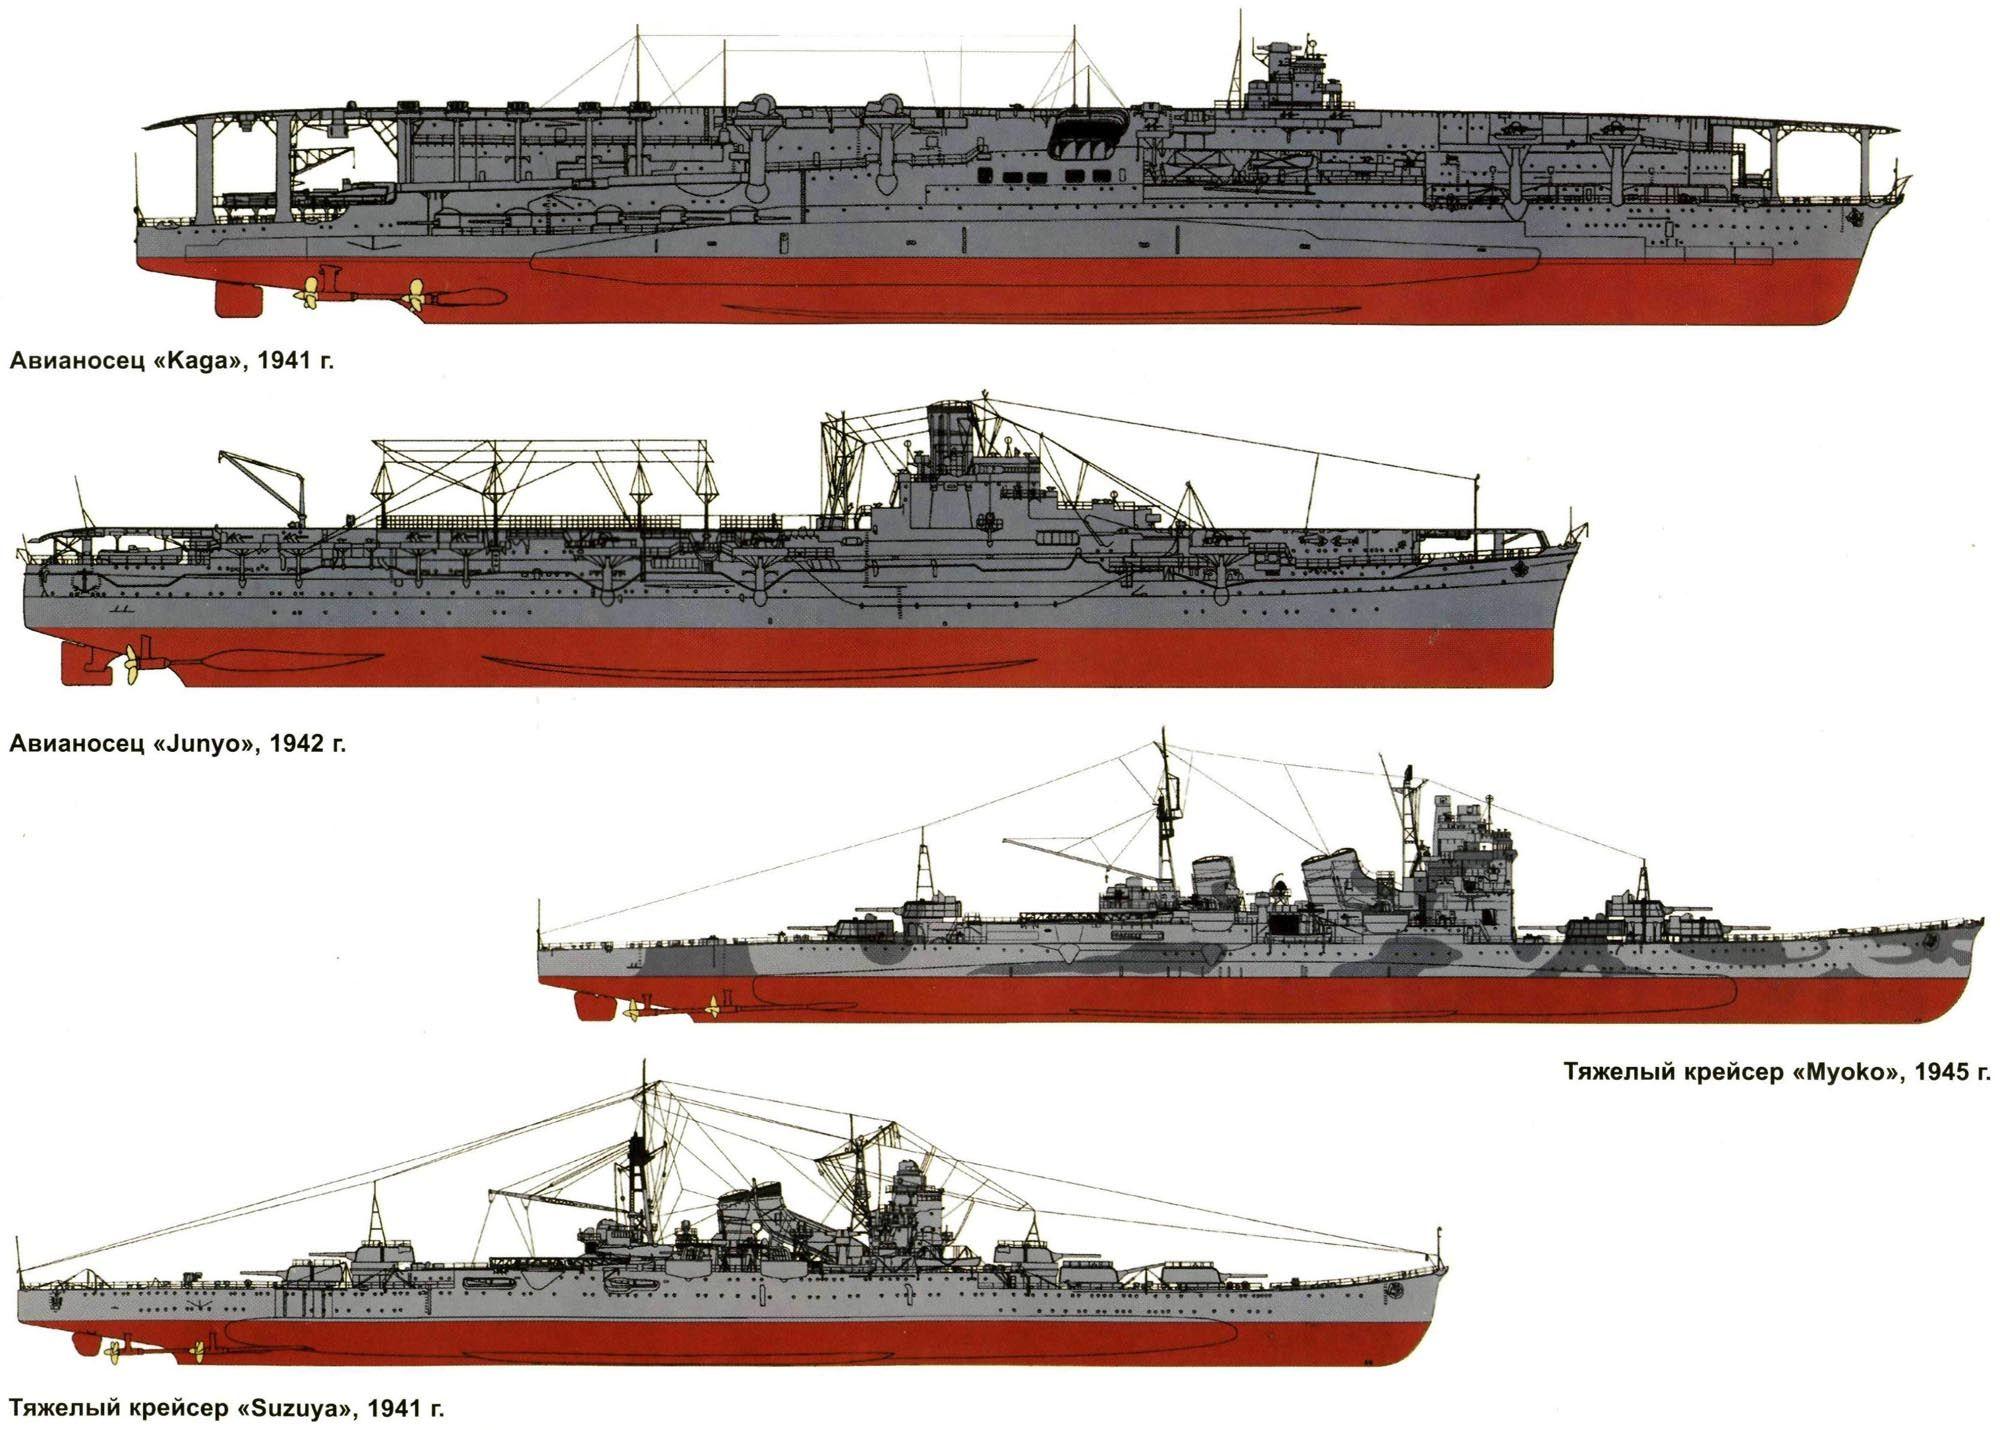 ijn warships comparisons of kaga  cv   junyo  cv   myoko  ca  and suzuya  ca